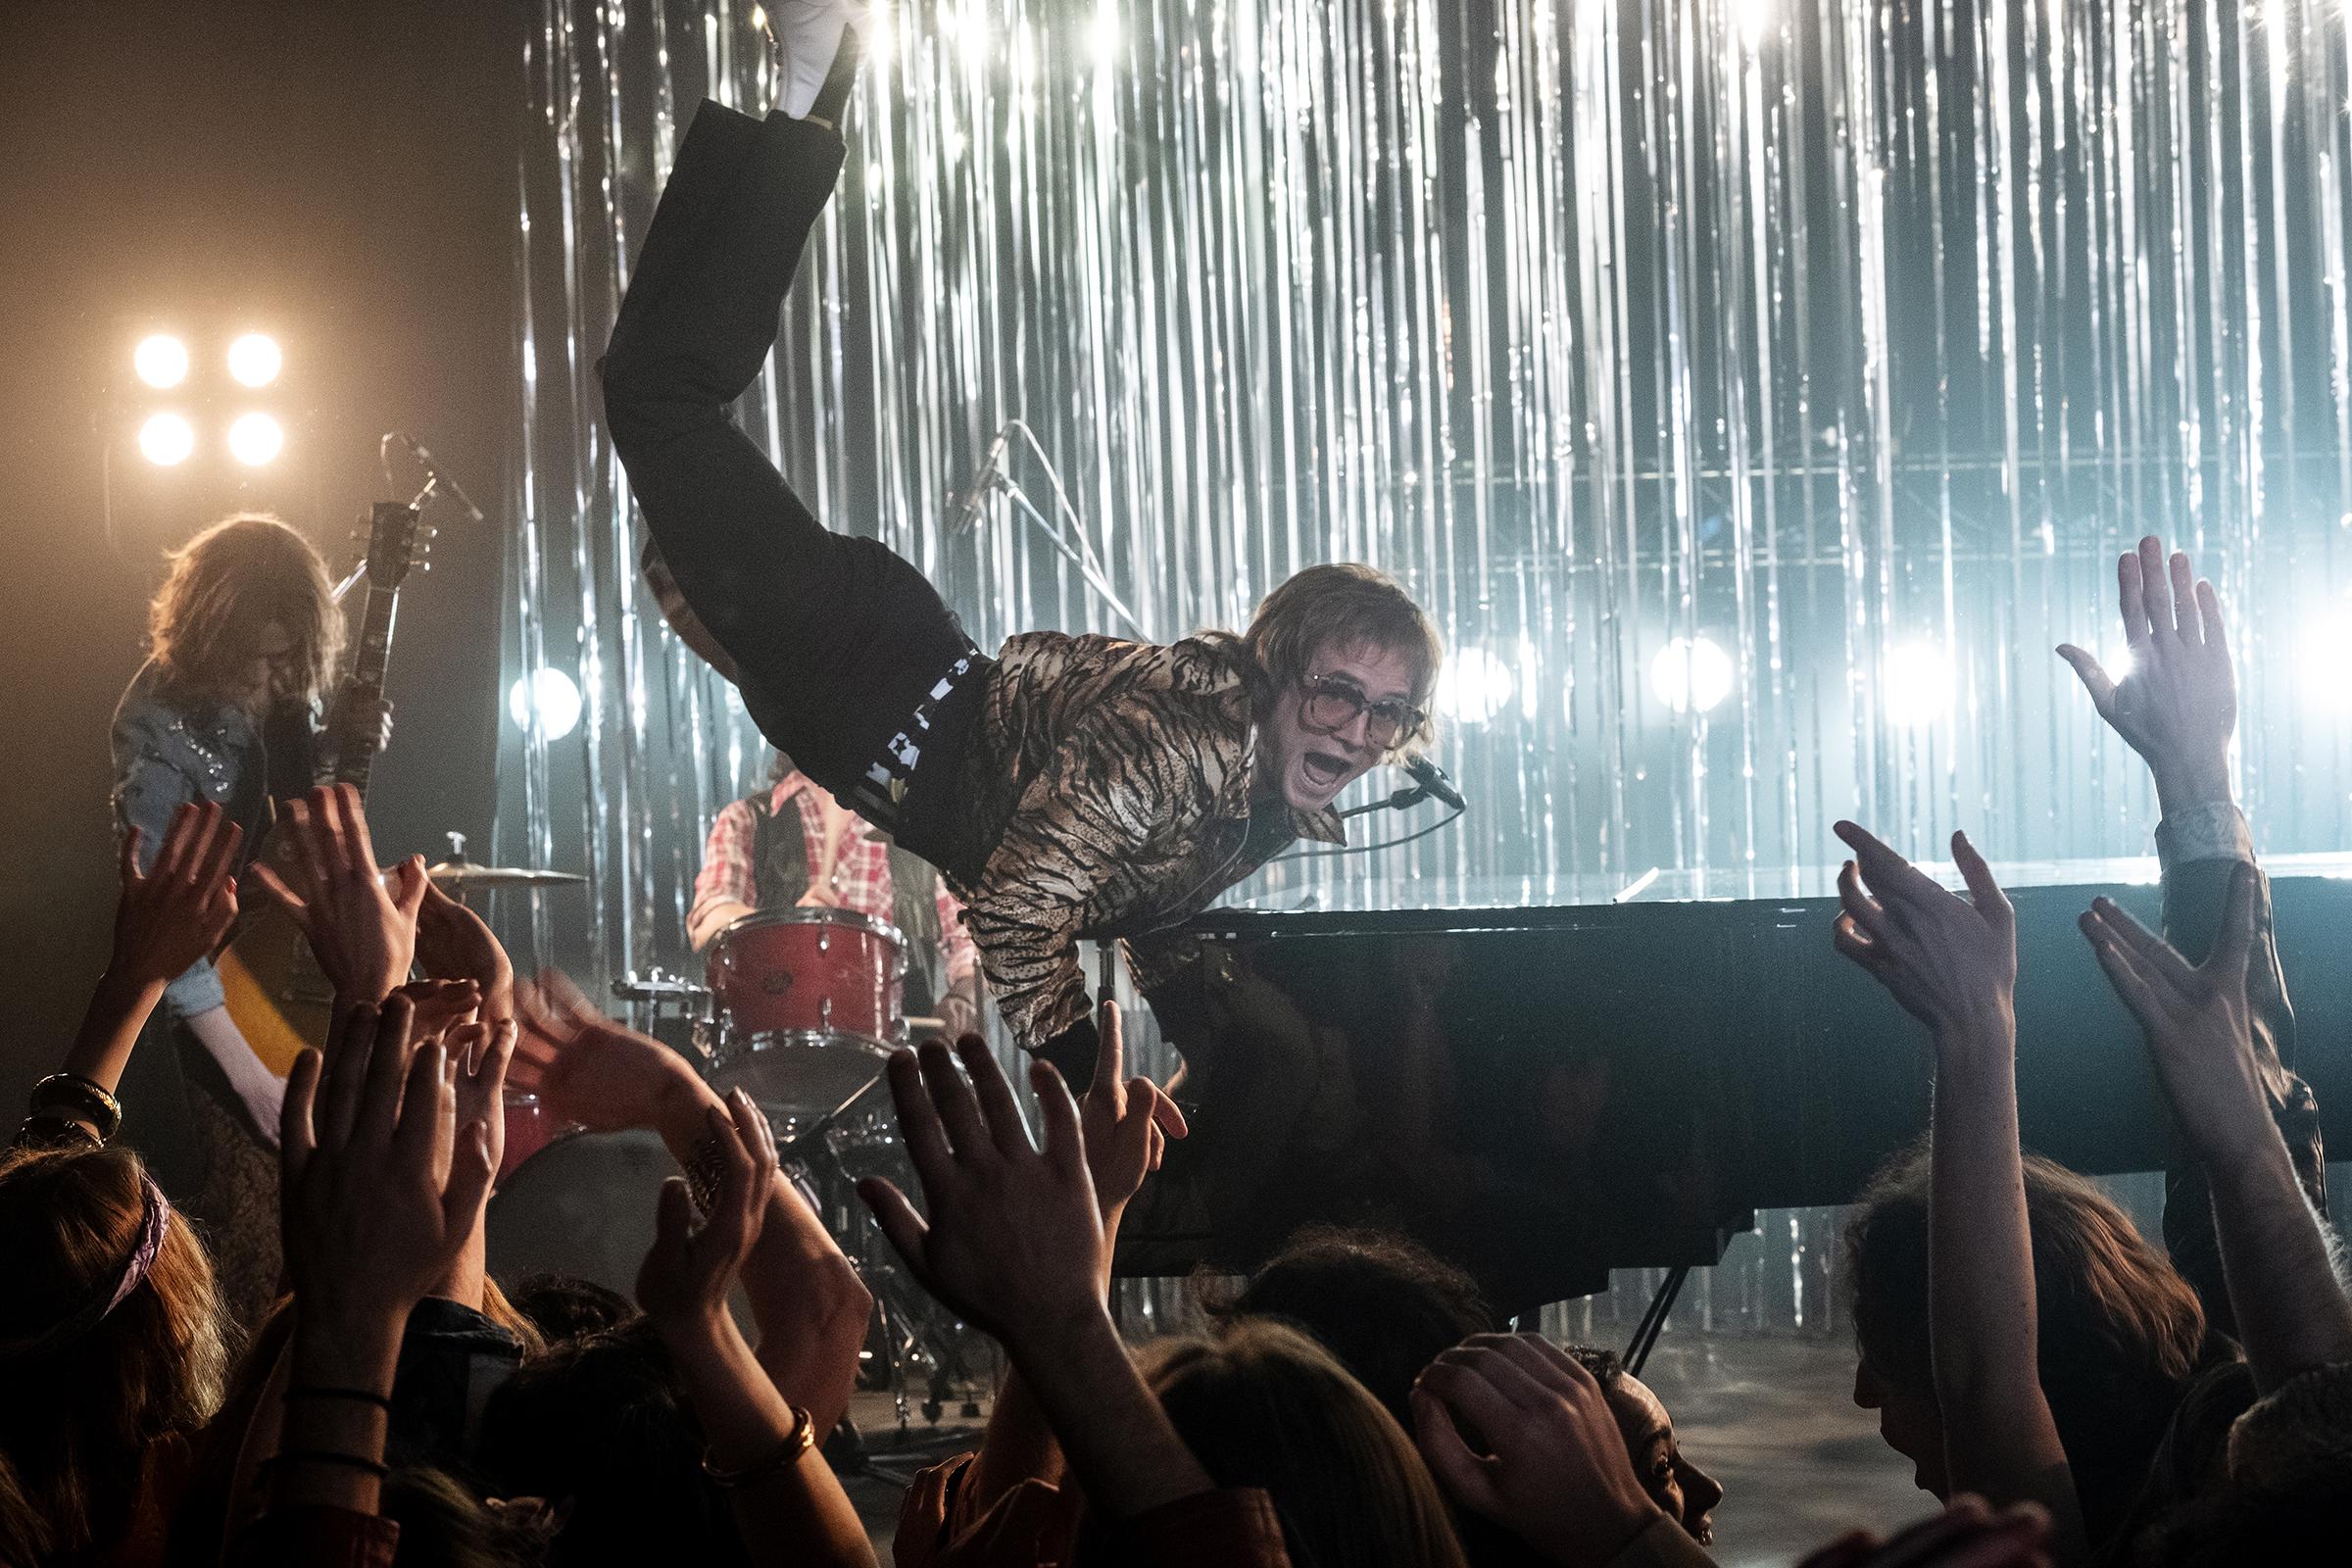 45f3549145fd Elton John Style: Best Fashion From 'Rocketman' Inspired by Elton ...